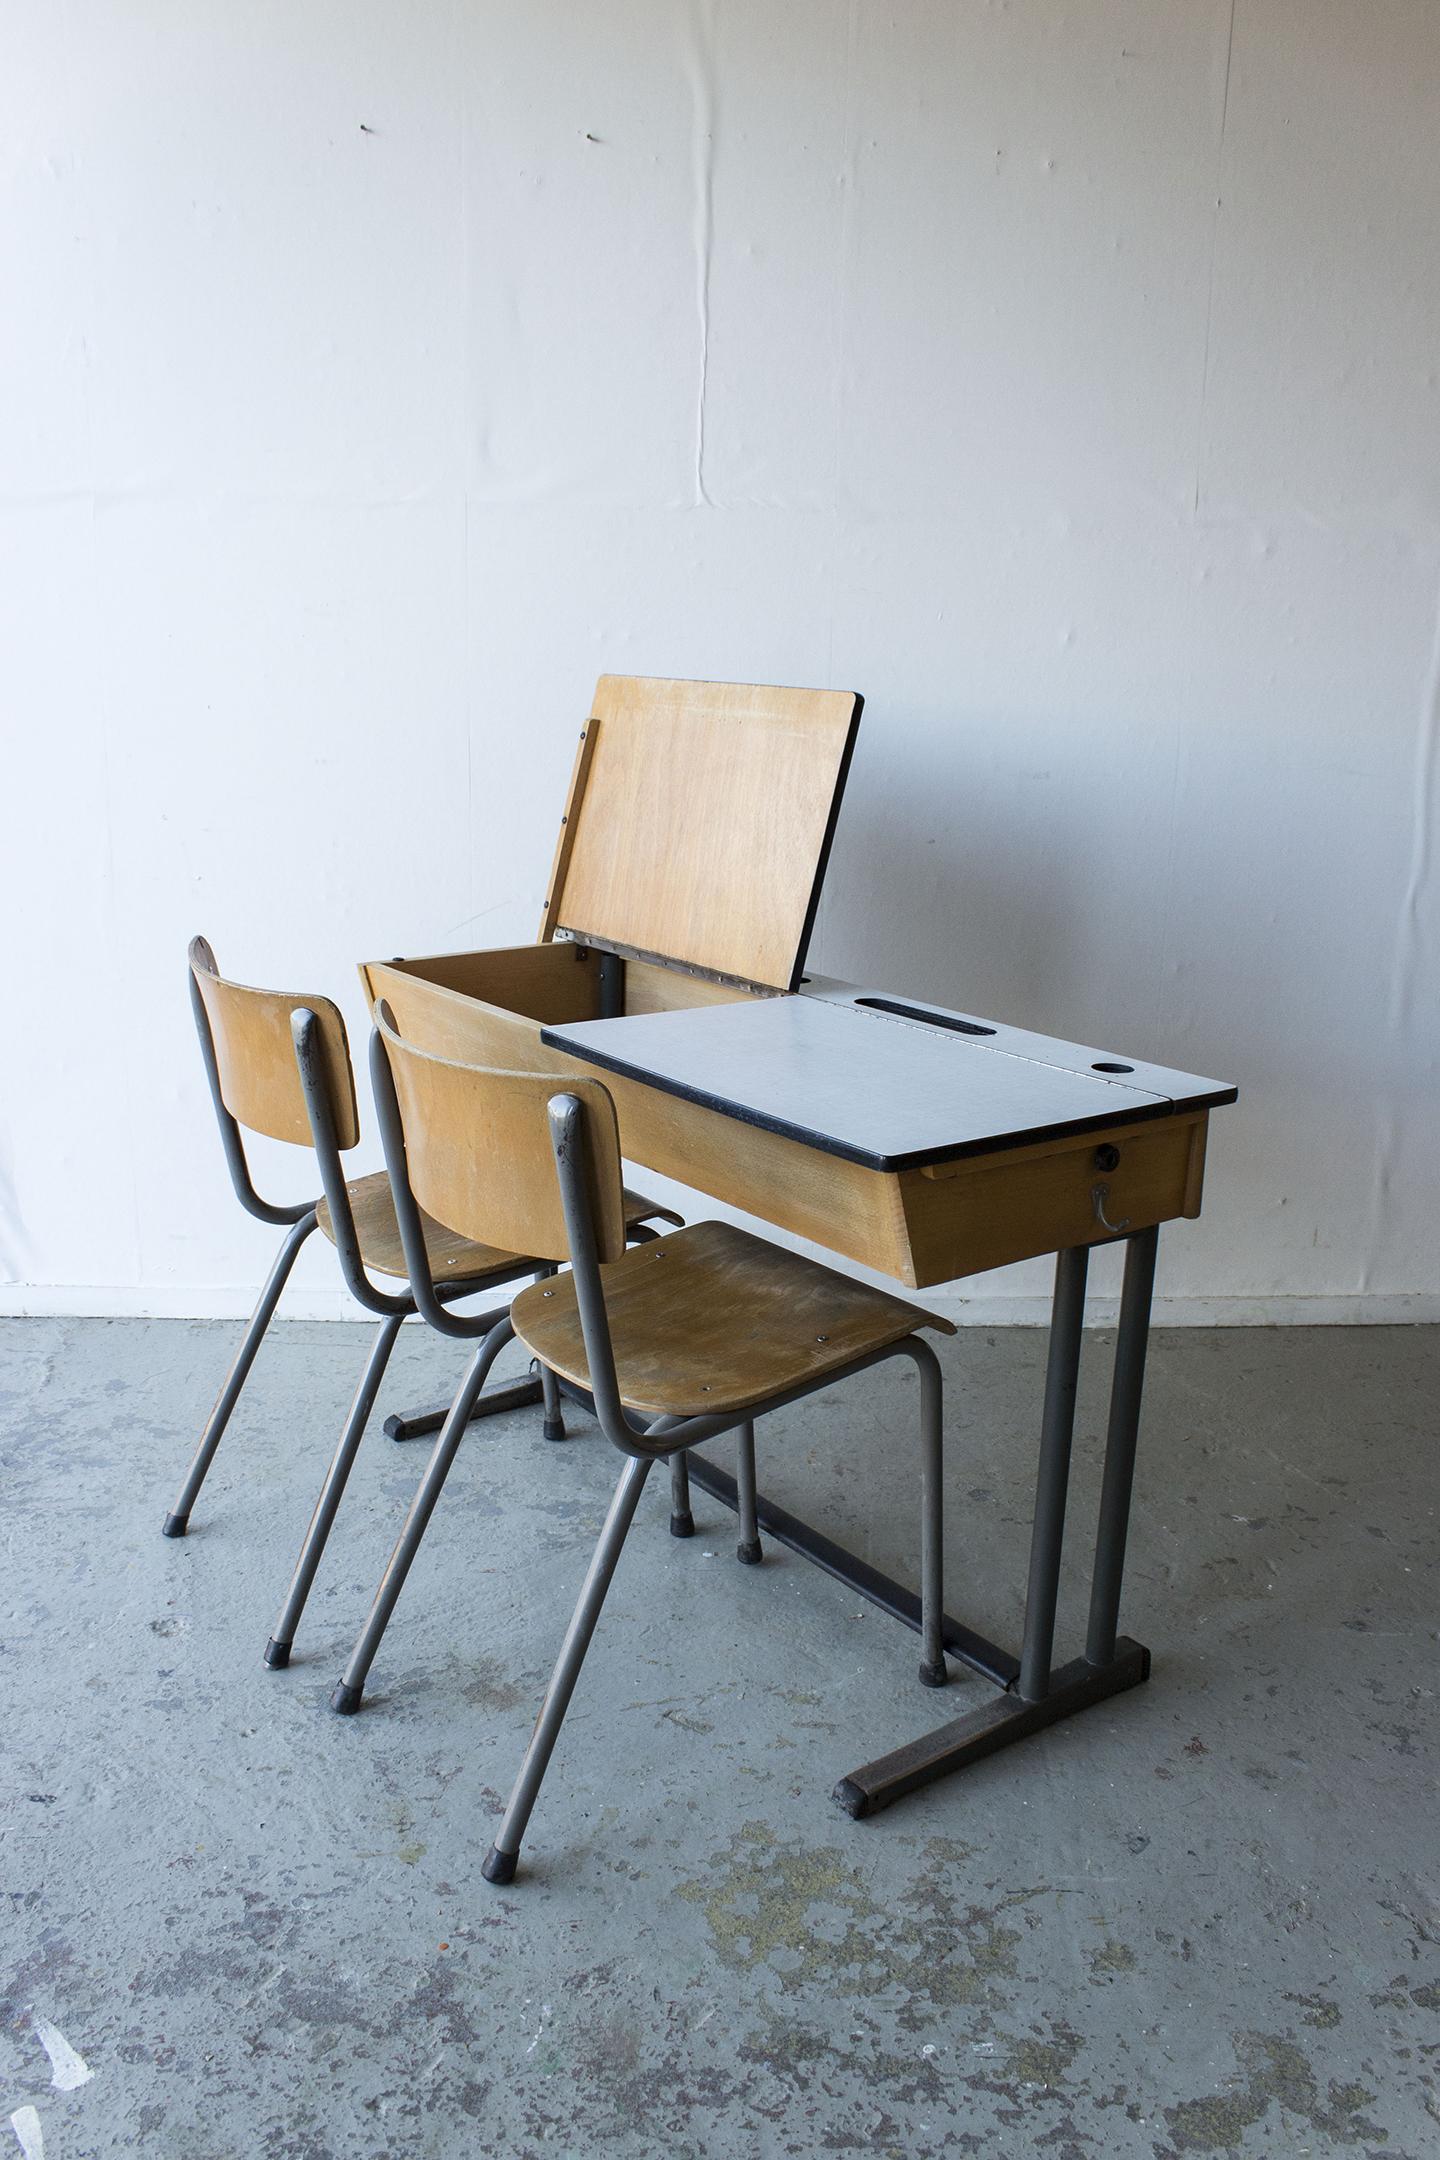 3163 - vintgate schooltafel met kleppen - Firma zoethout_3.jpg